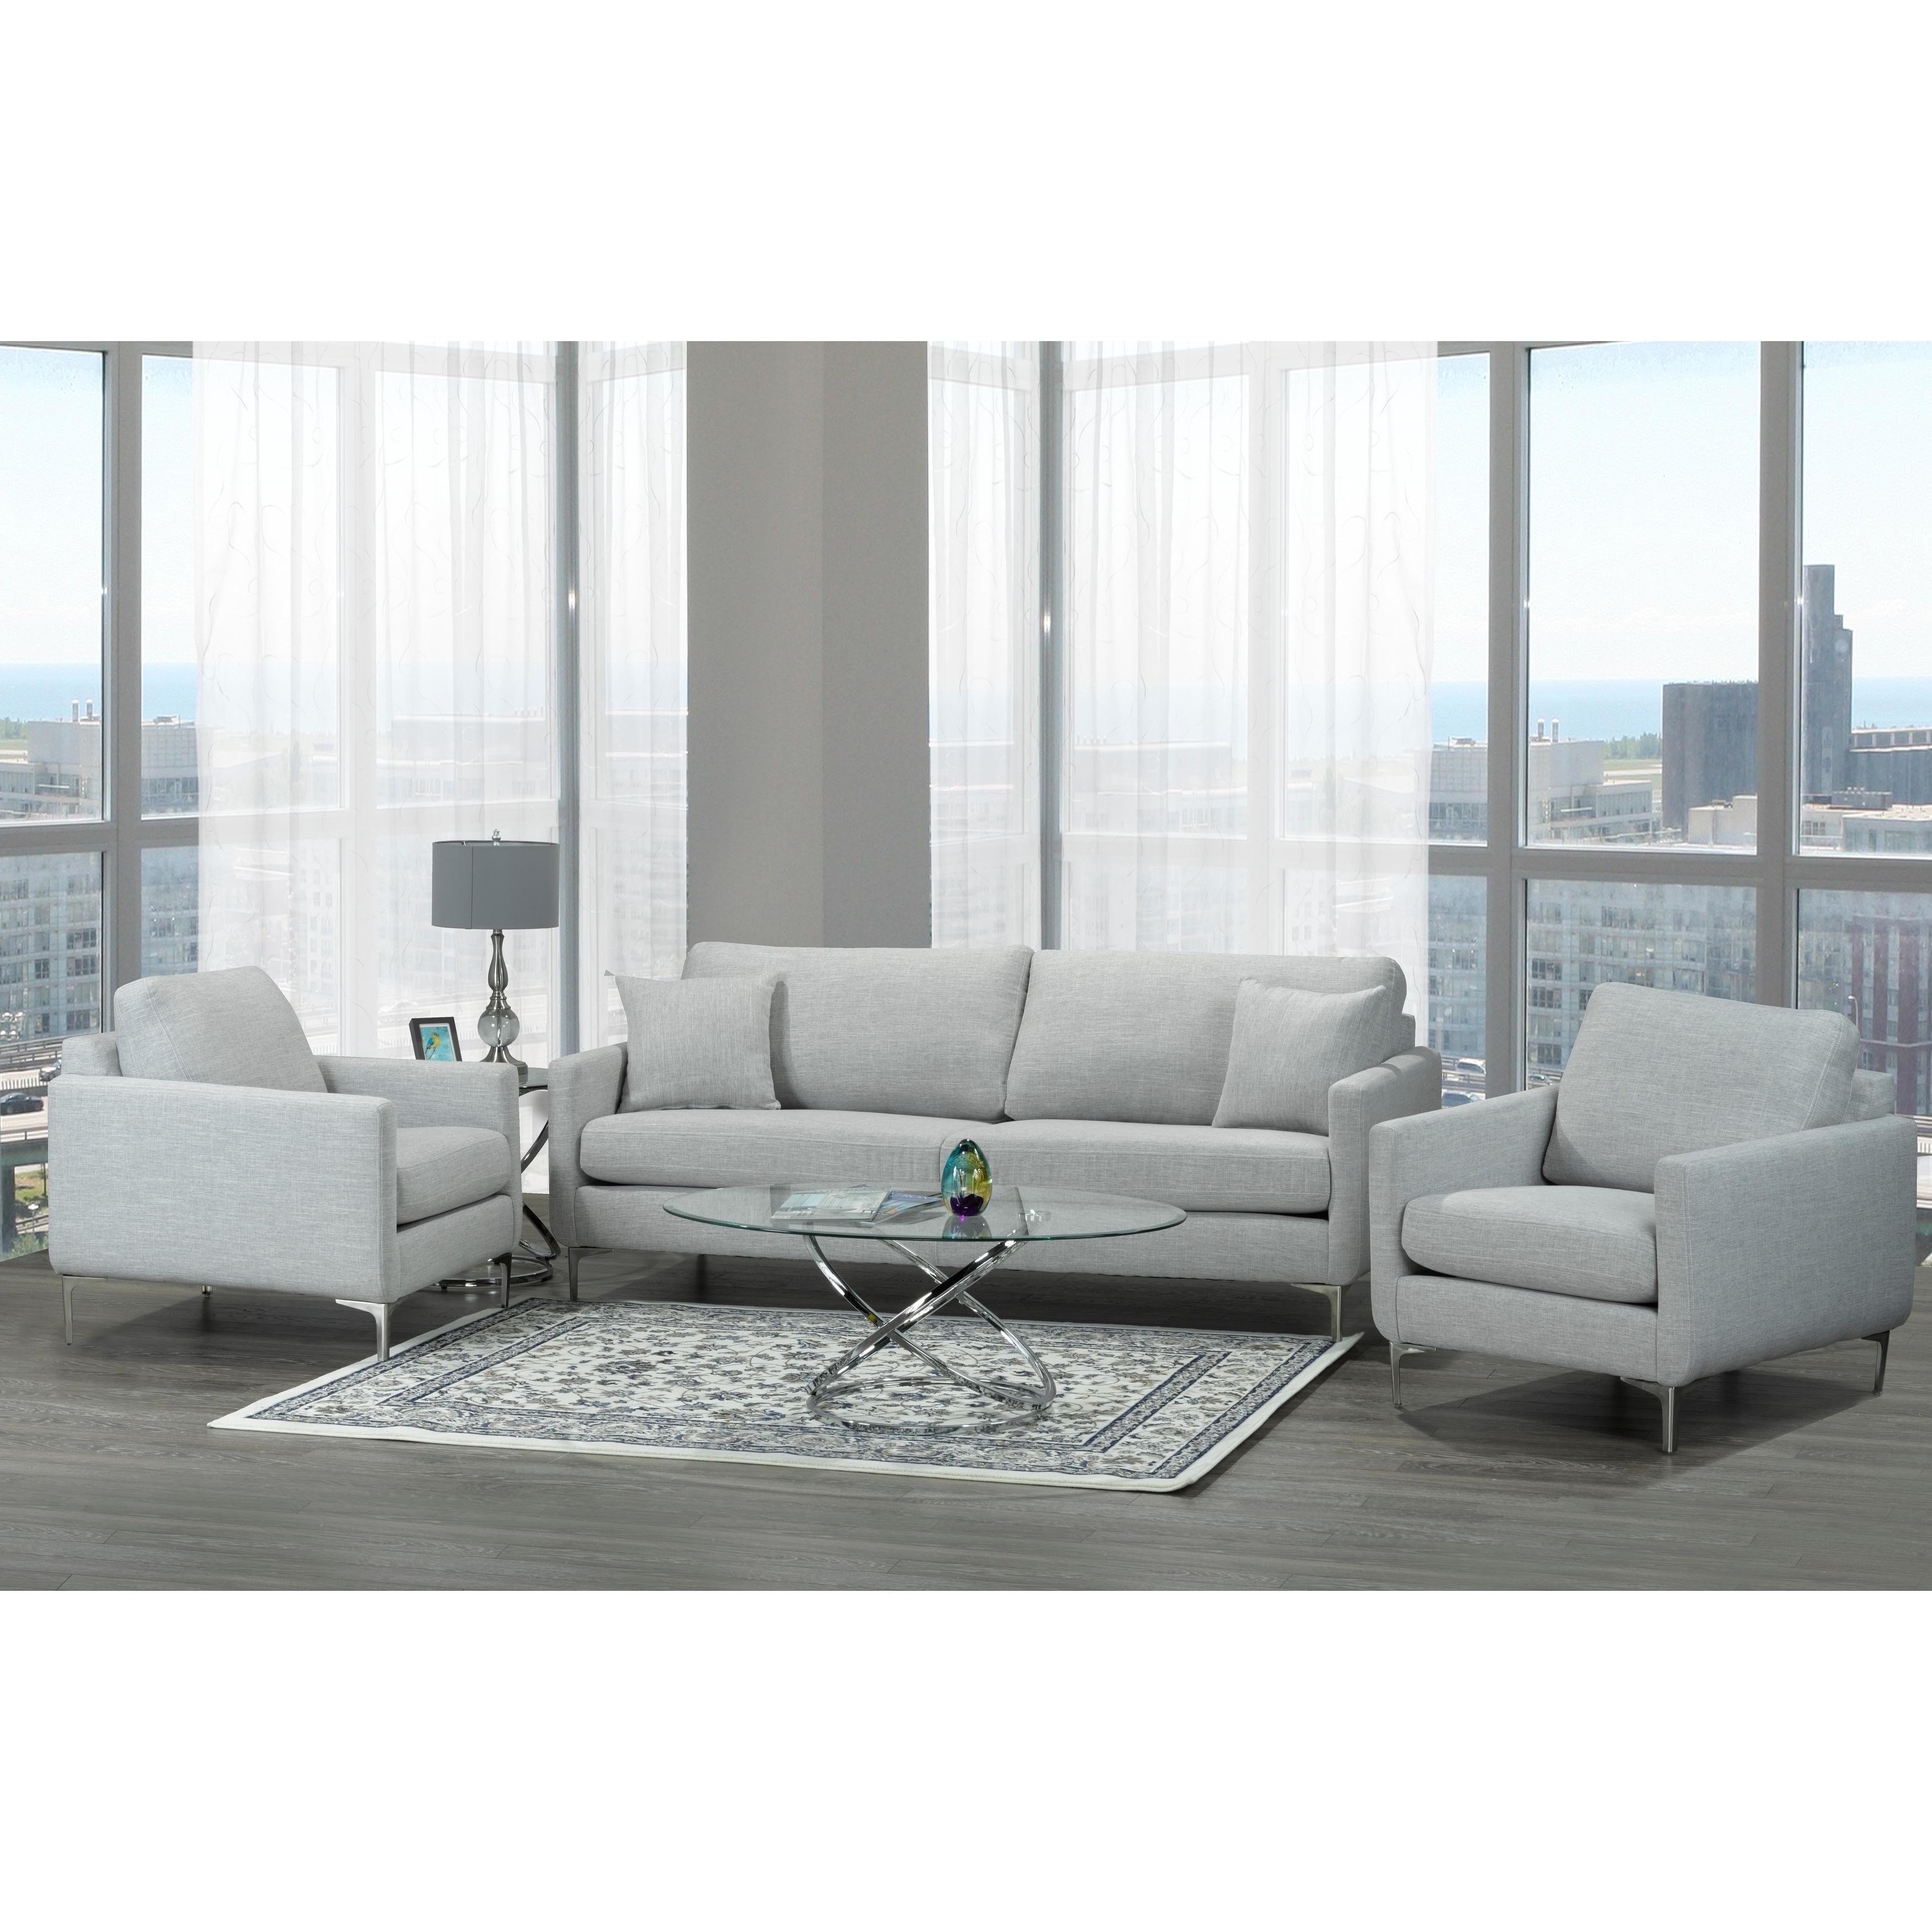 Ansprechend Sofa Rose Dekoration Von Shop Mid Century Modern Grey Fabric And